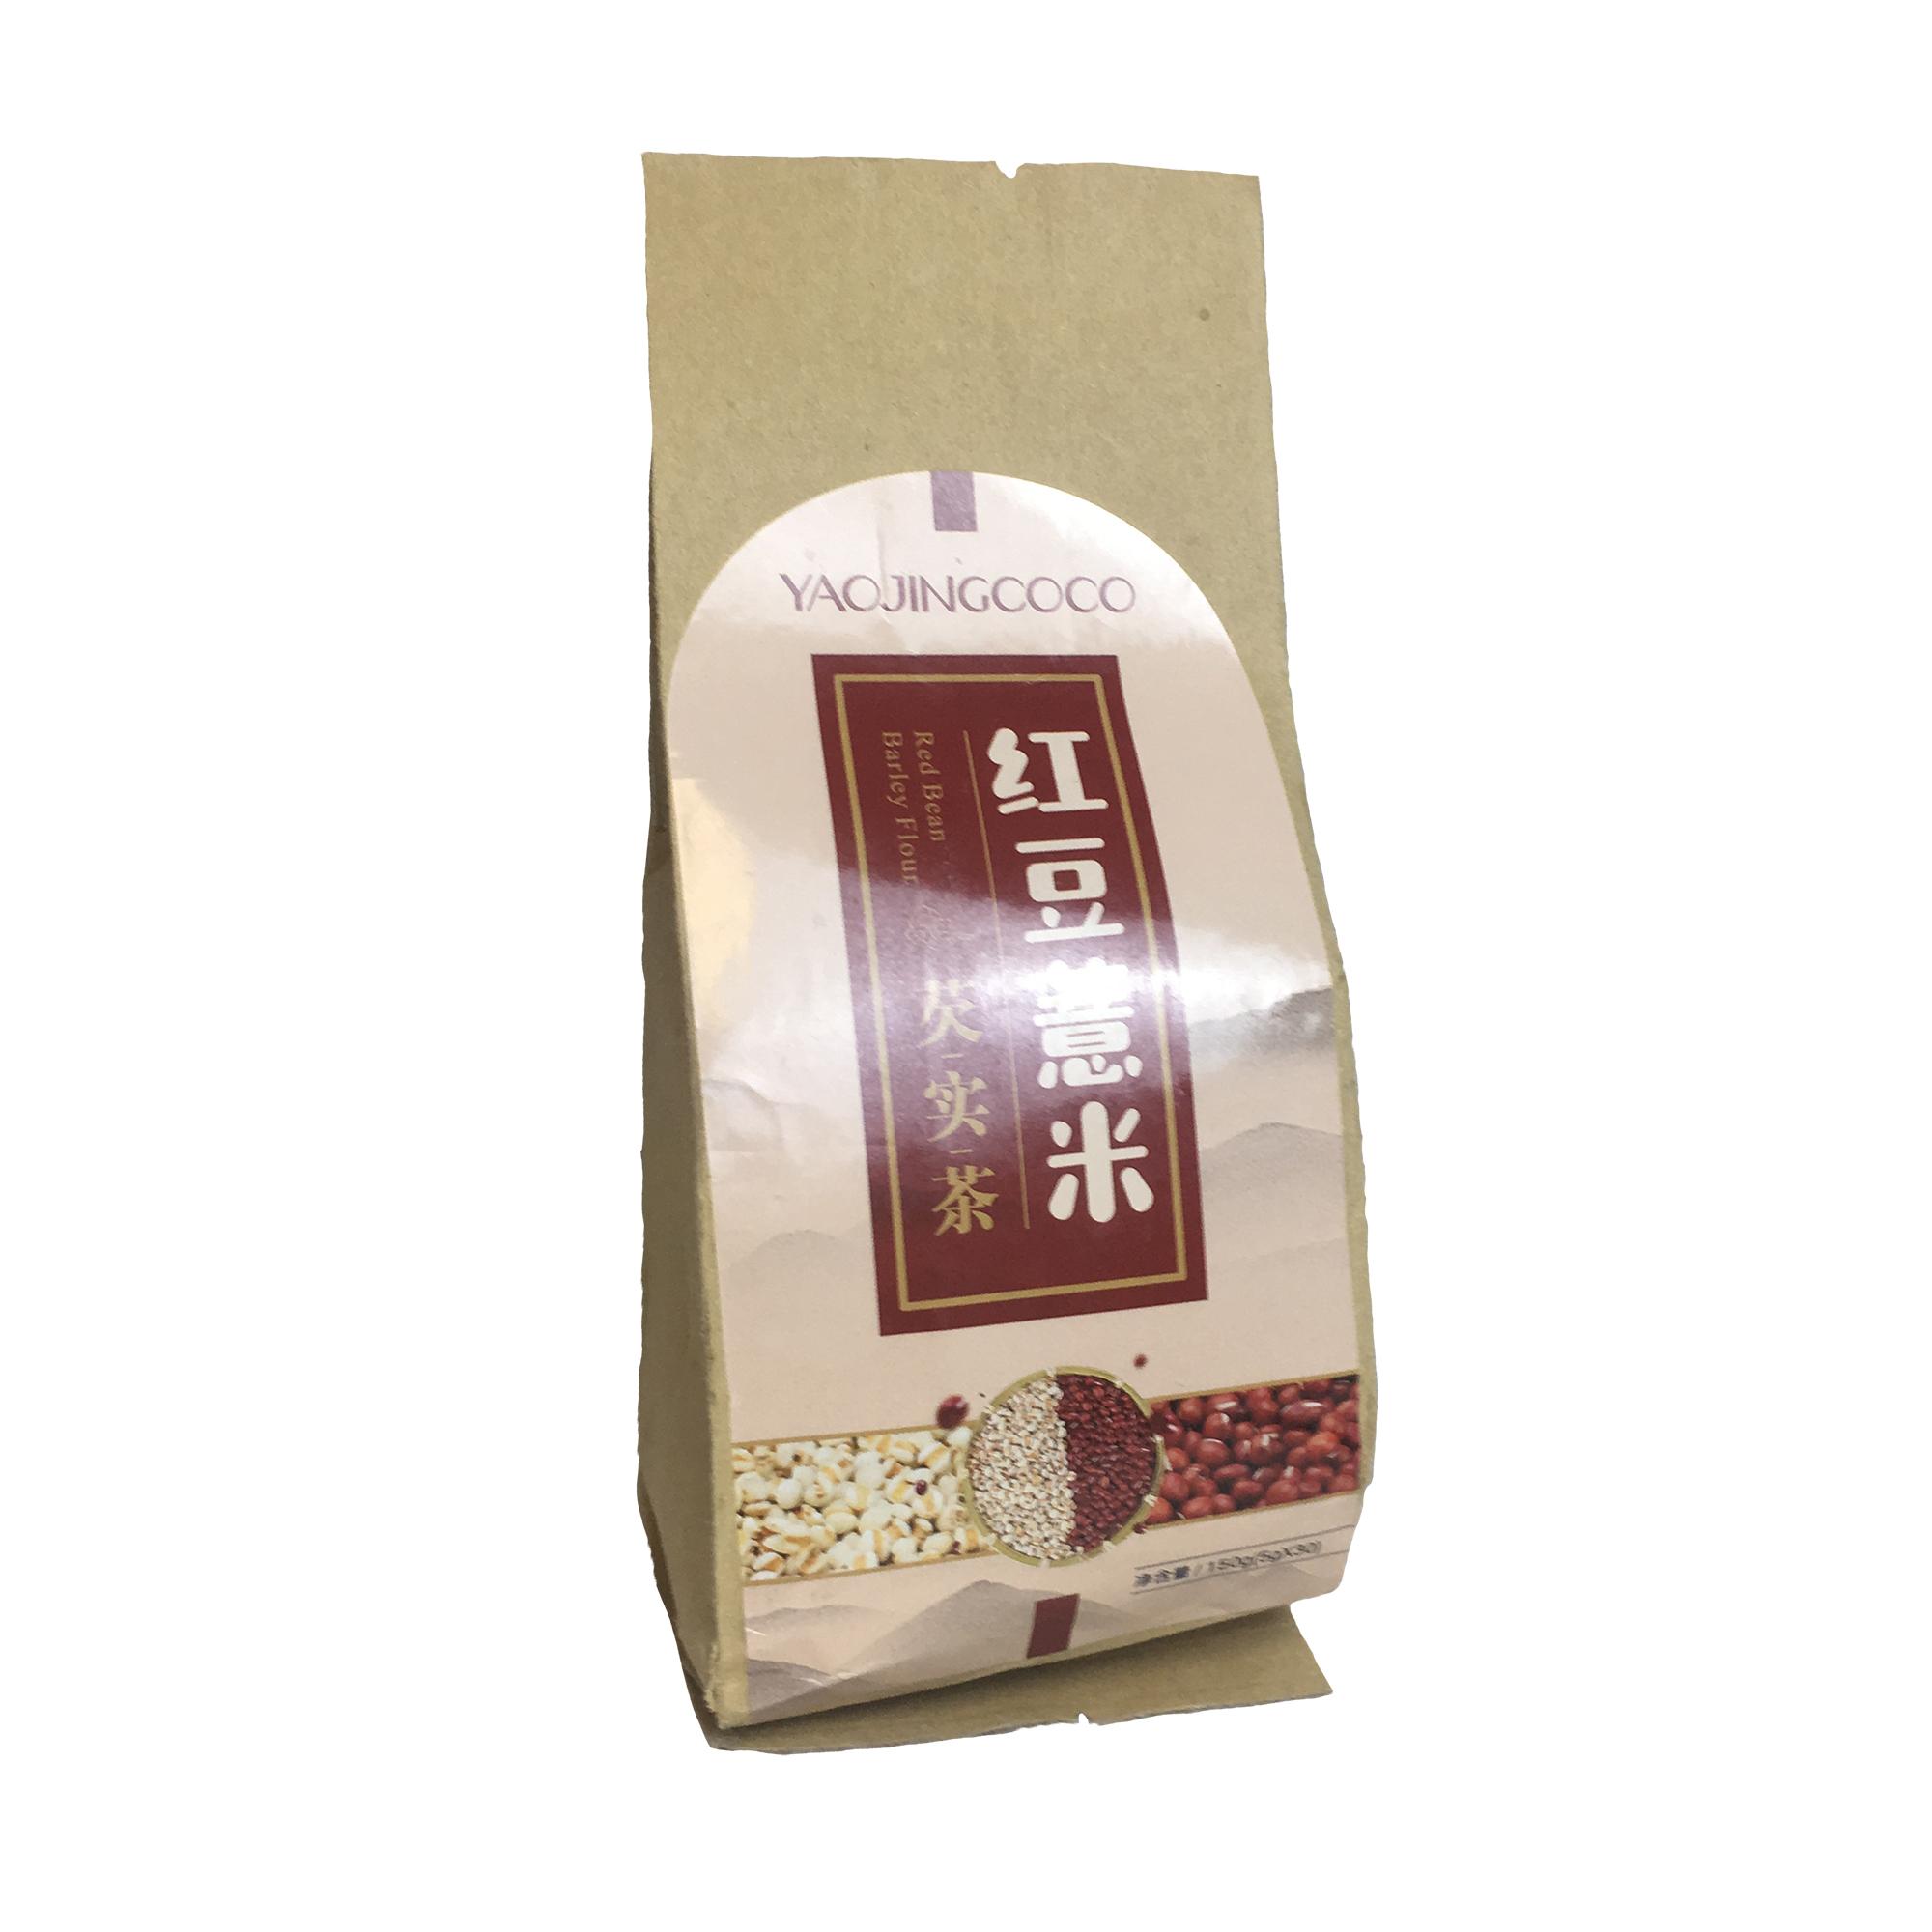 妖精可可红豆薏米茶养生茶去湿气去脂调理养生修正养颜